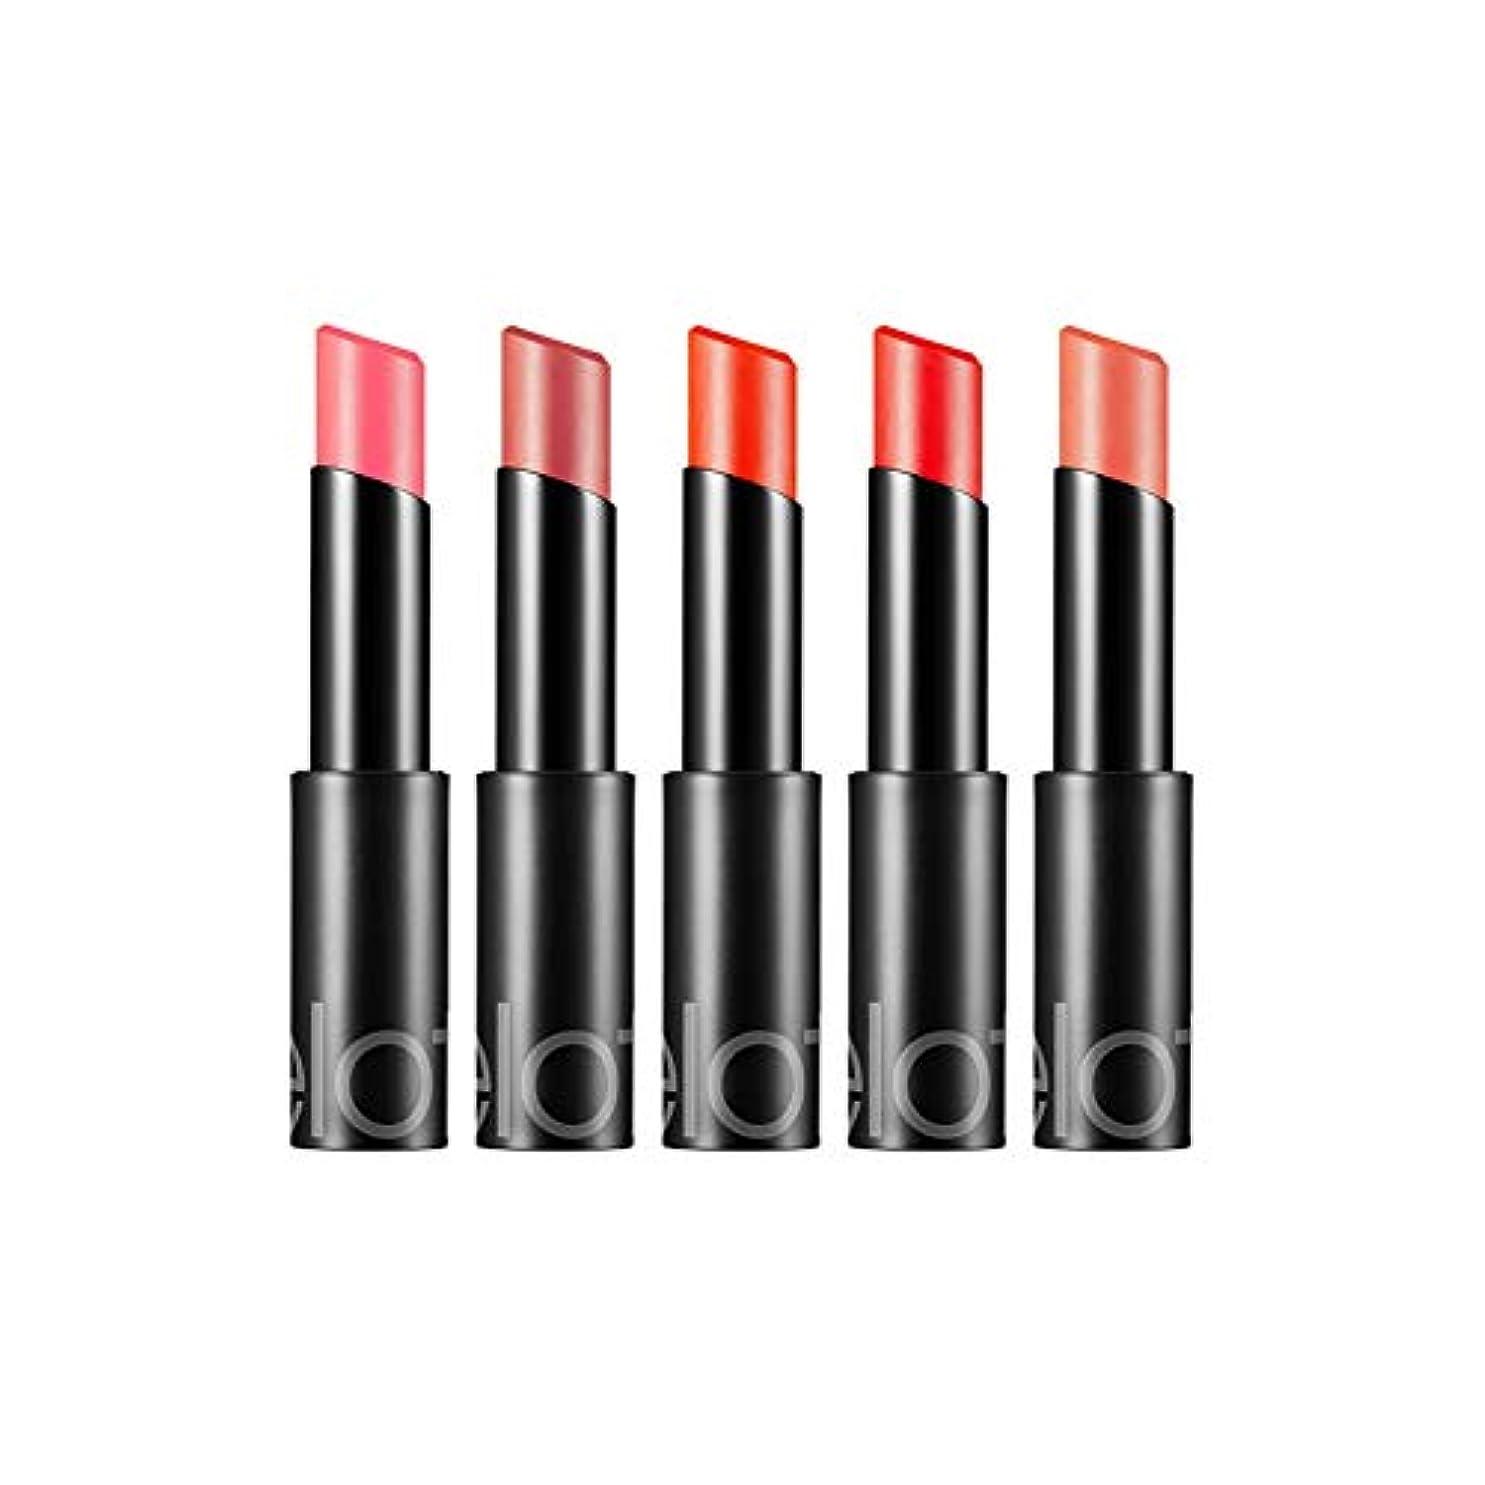 シャッタージュース母音【lotree公式】 lotree Colorment Cream Lip 3.5g/ロトリー カラーメント クリーム リップ 3.5g (#1 ピンク ホライズン)